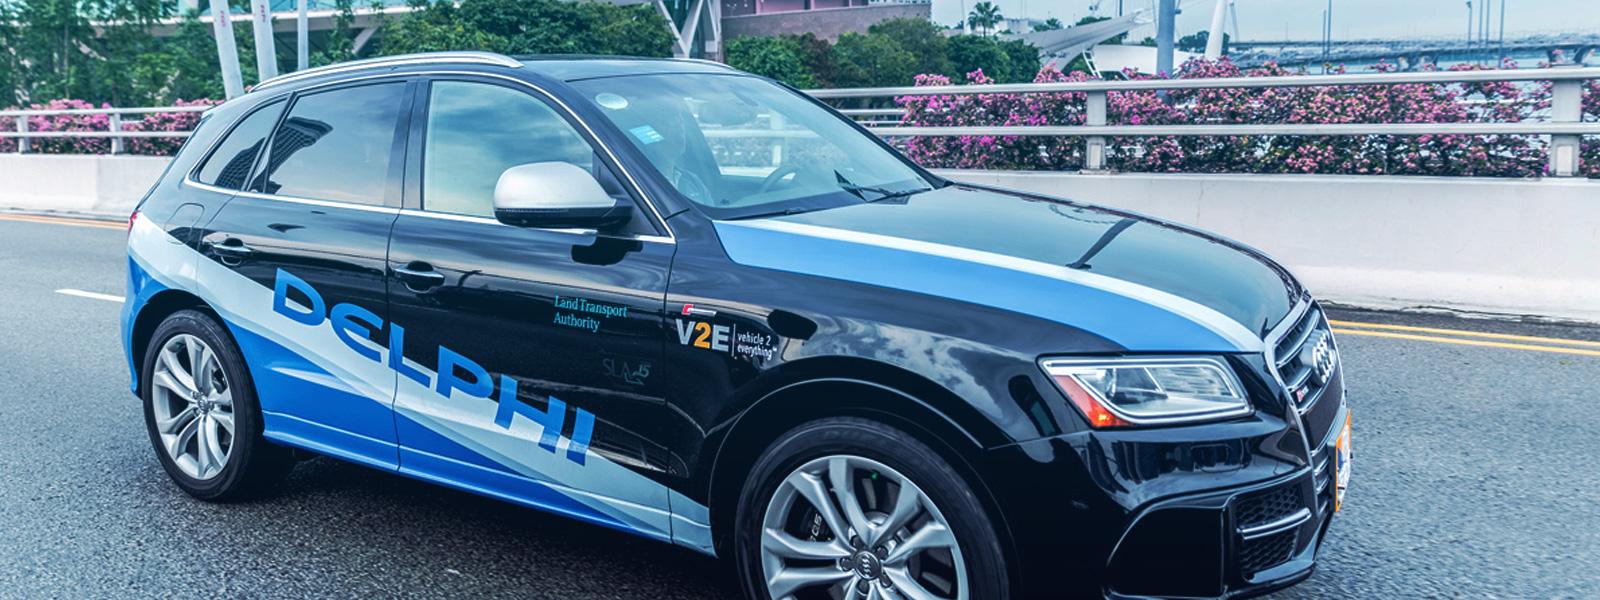 empresa-tecnologia-lanca-taxi-robo-blog-ceabs